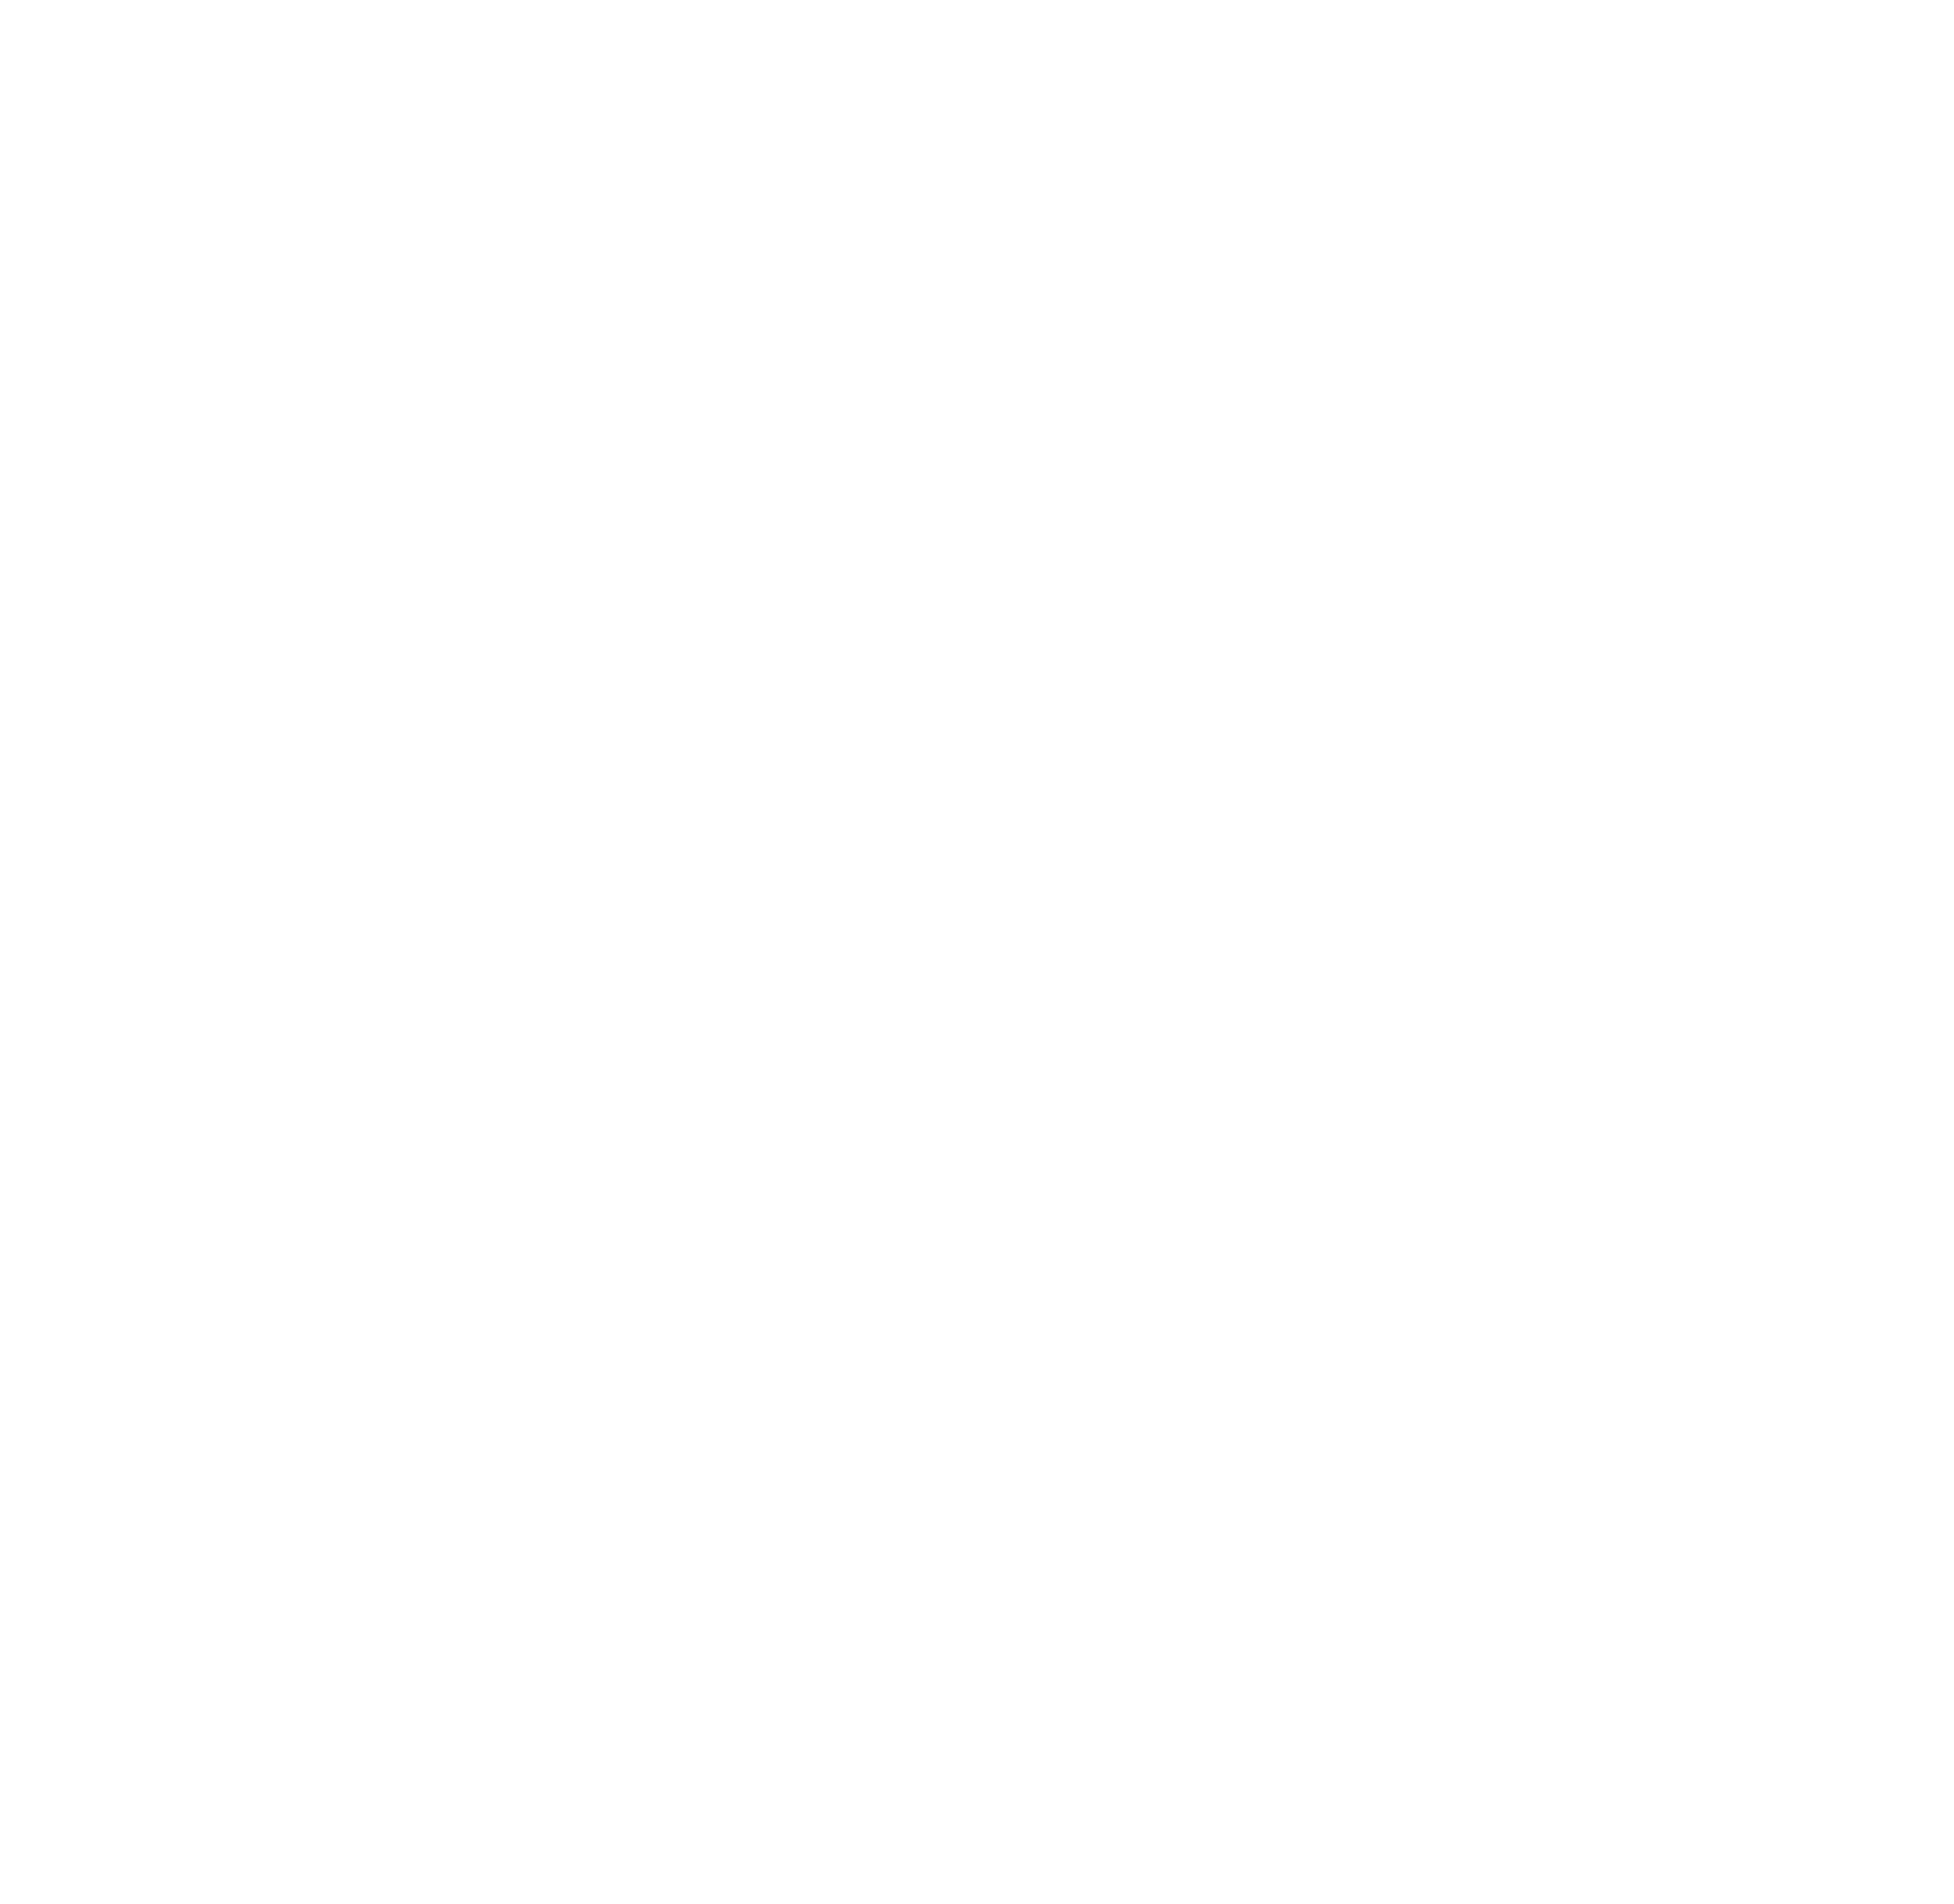 101_Logo_White_KR-01.png